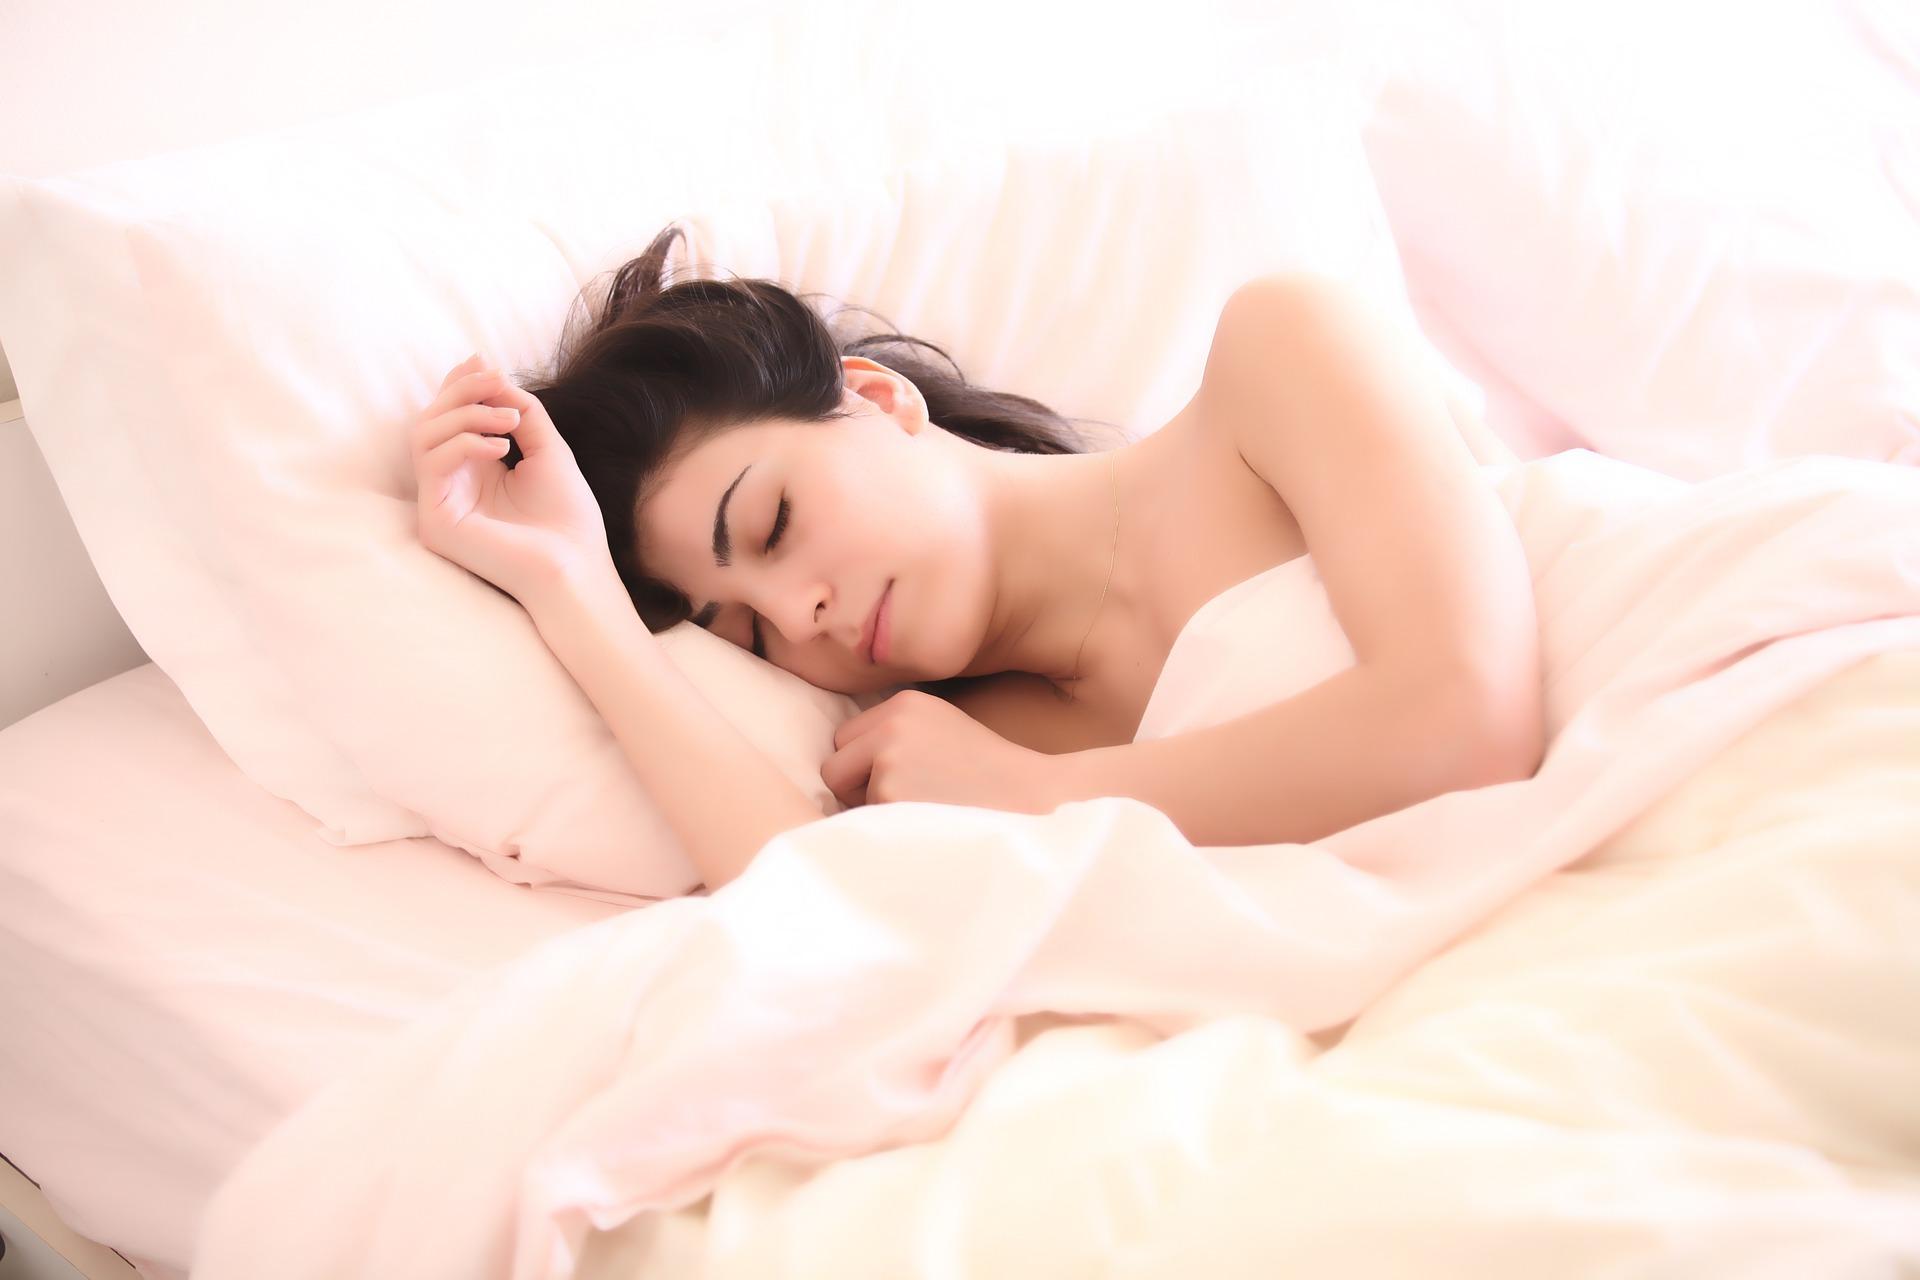 kevesebb alvás segít a fogyásban hogyan lehet gyorsan égetni a combzsírt